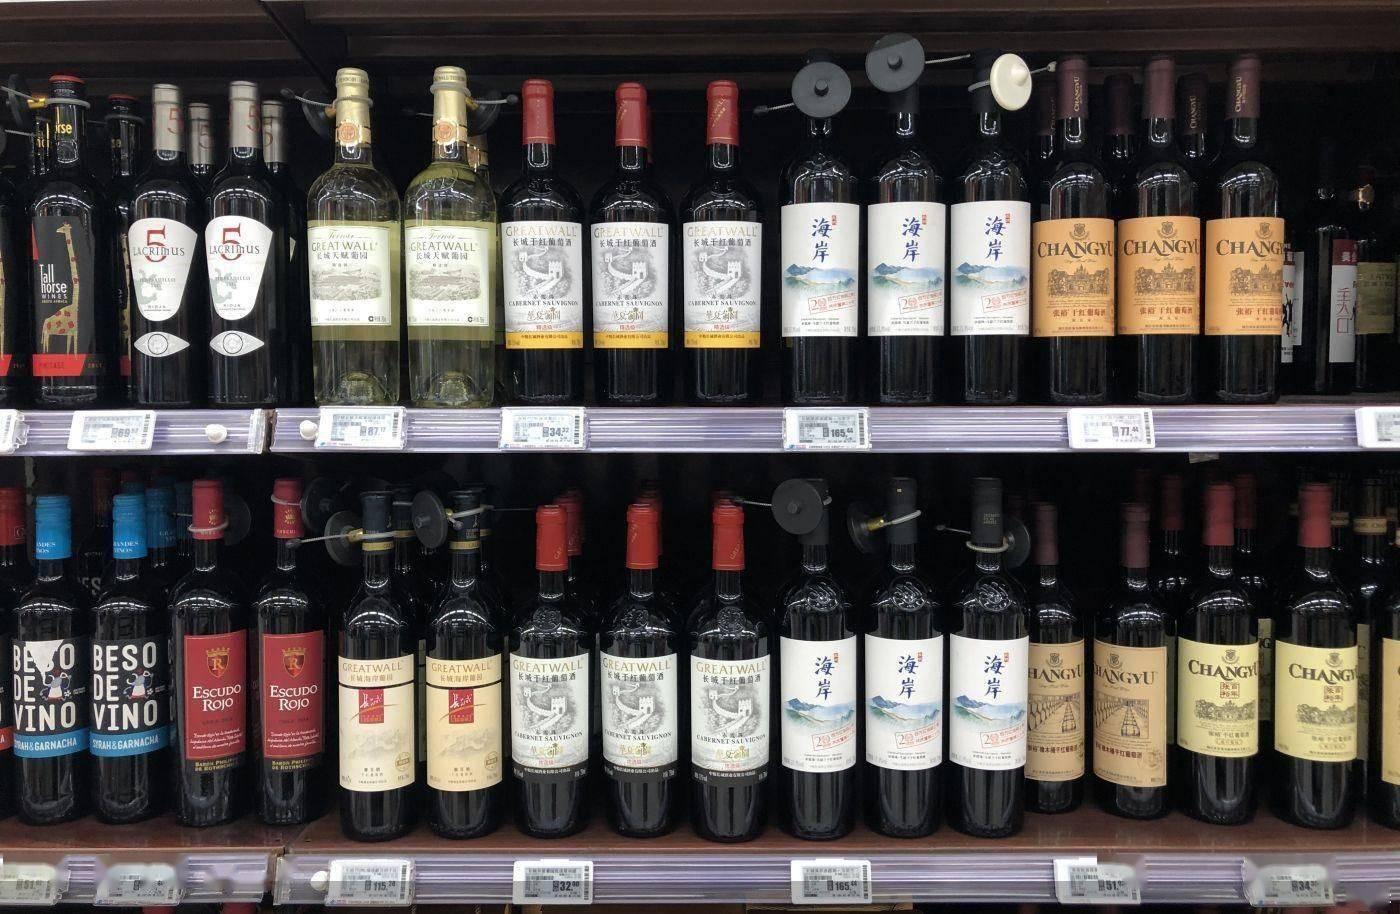 节前葡萄酒市场调查:百元下更畅销 经销商扩品类分散风险_